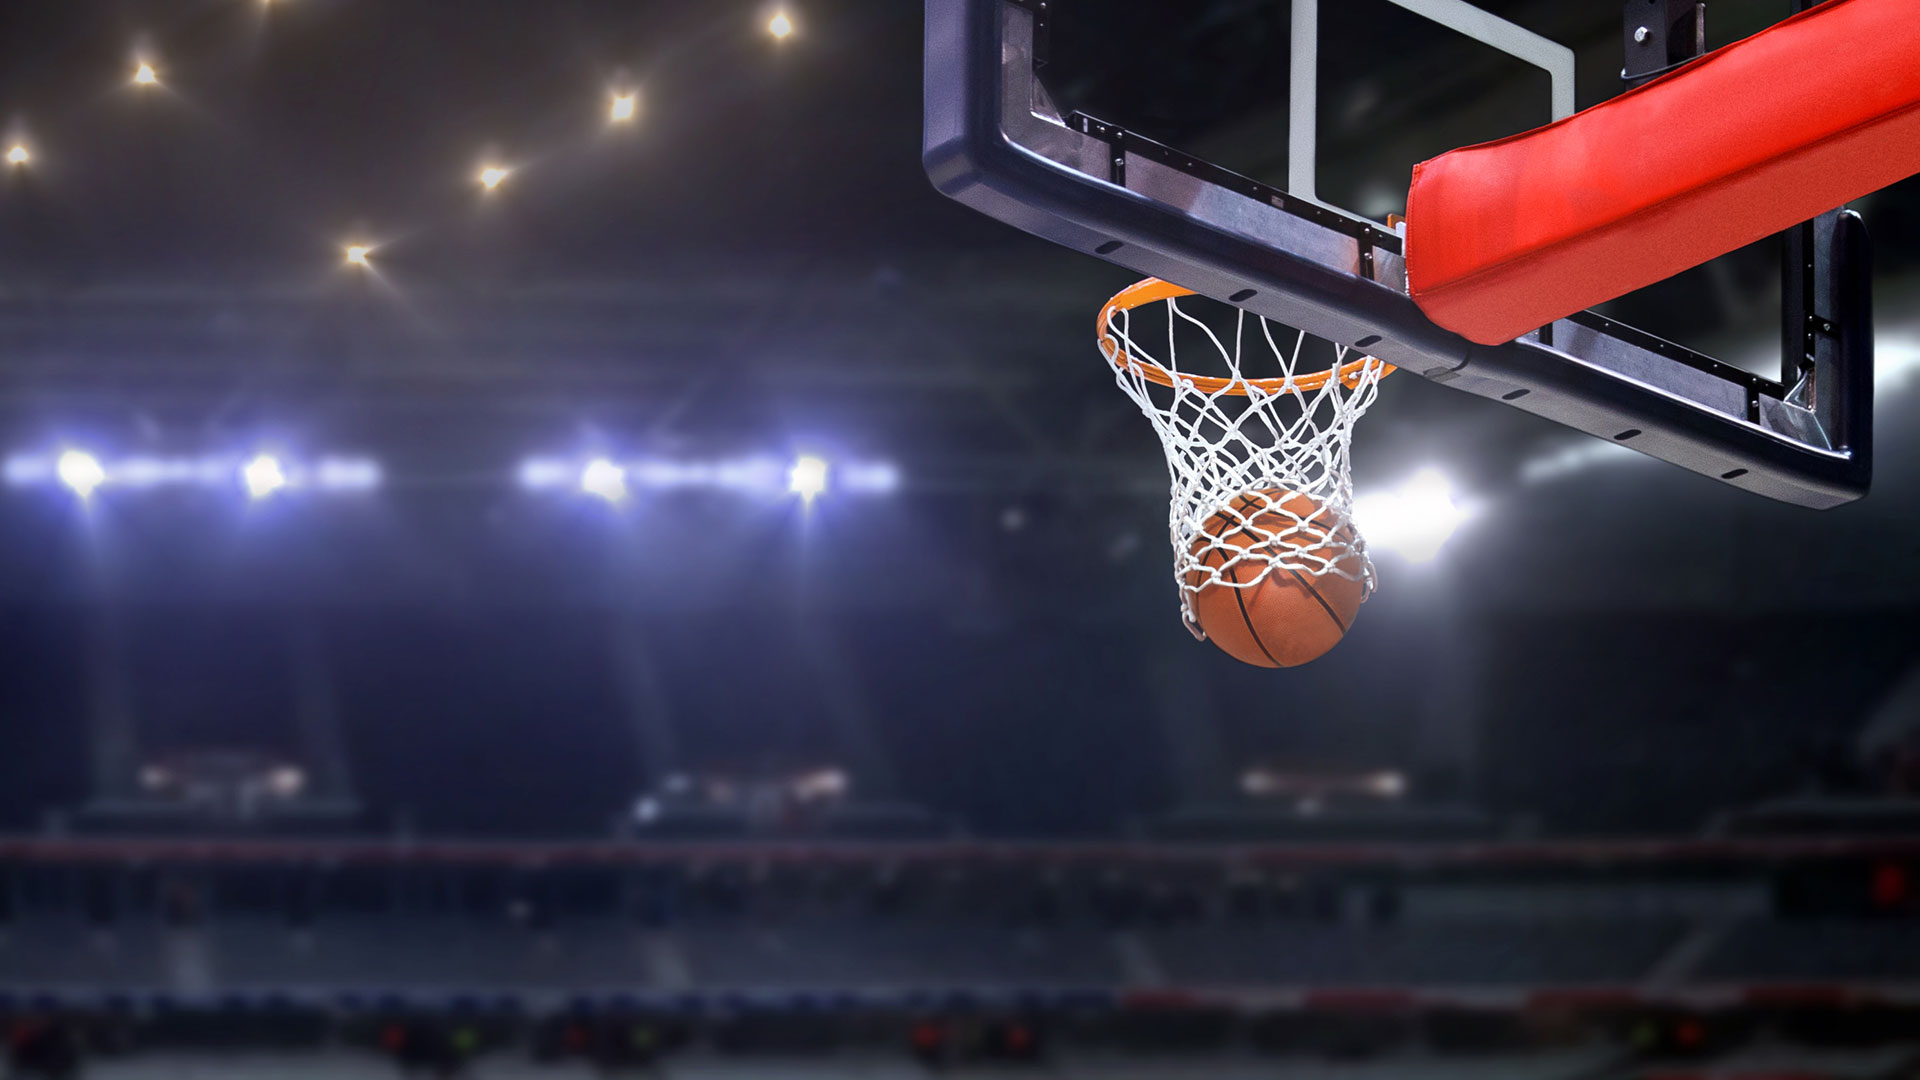 Ball im Korb mit Leerer Halle im Hintergrund